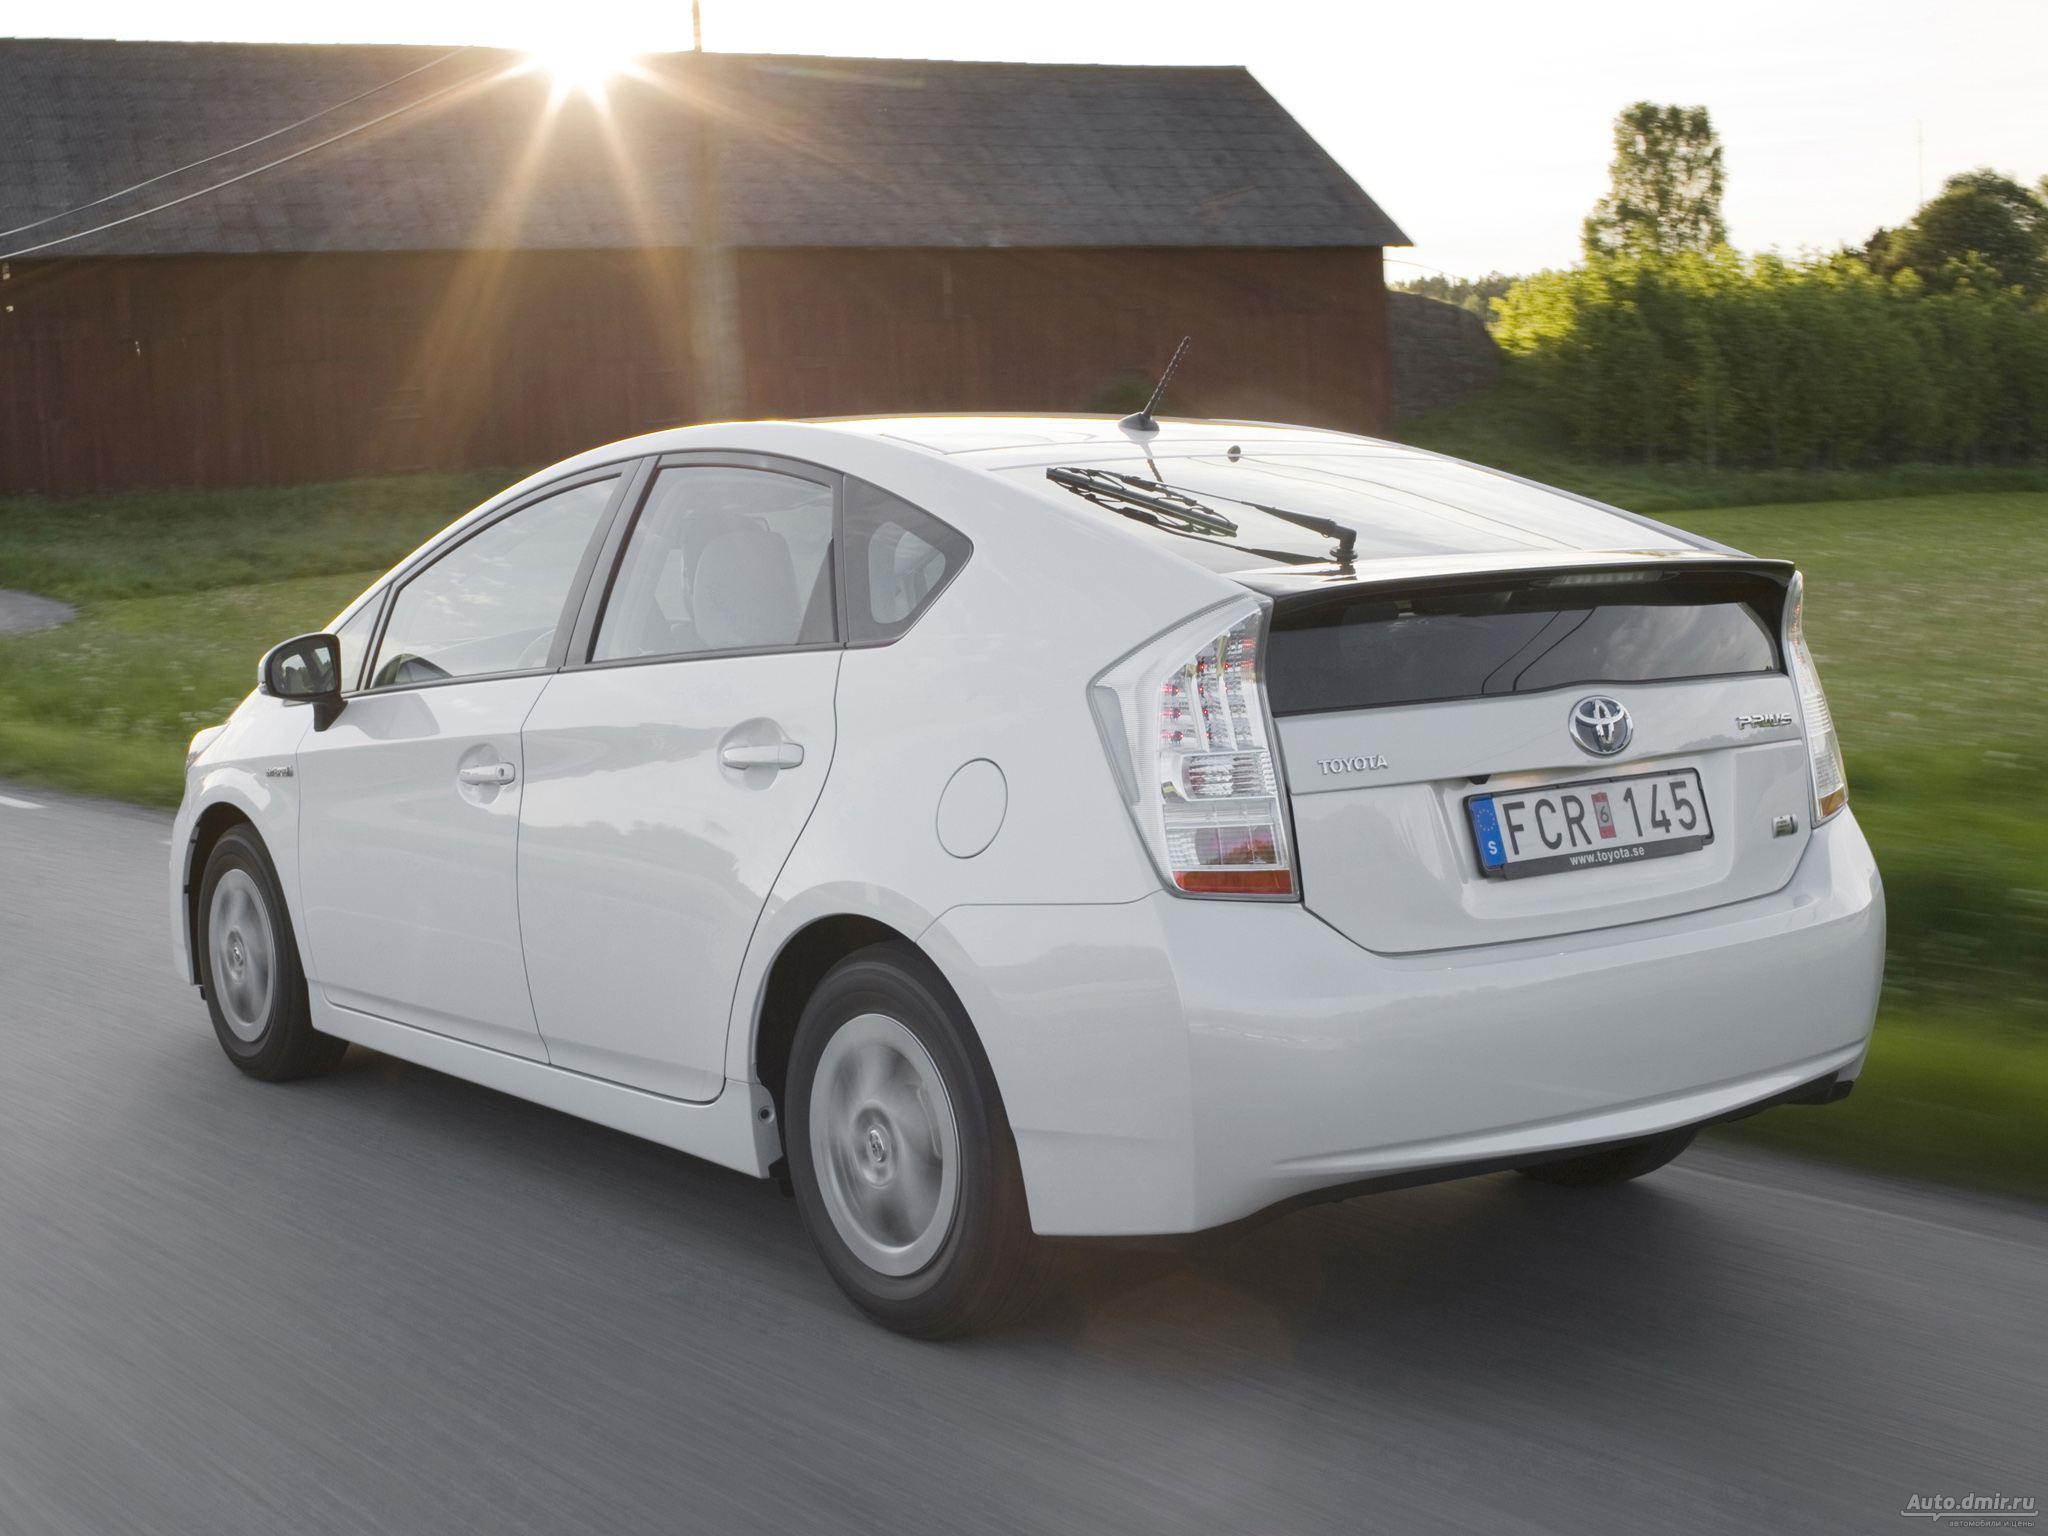 Toyota Prius Gebrauchtwagen – mobile.de